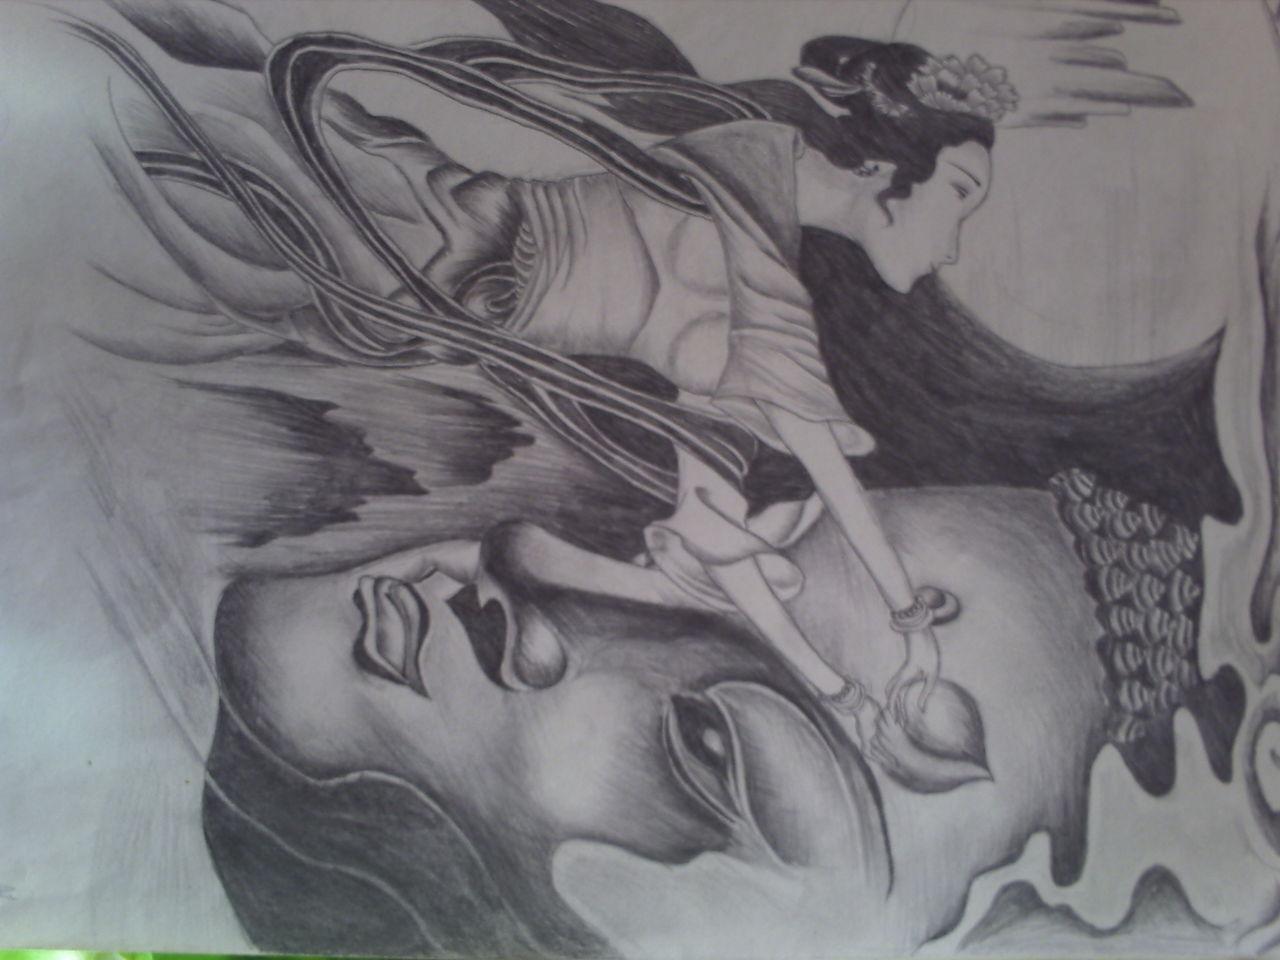 仙女纹身手稿图分享展示图片